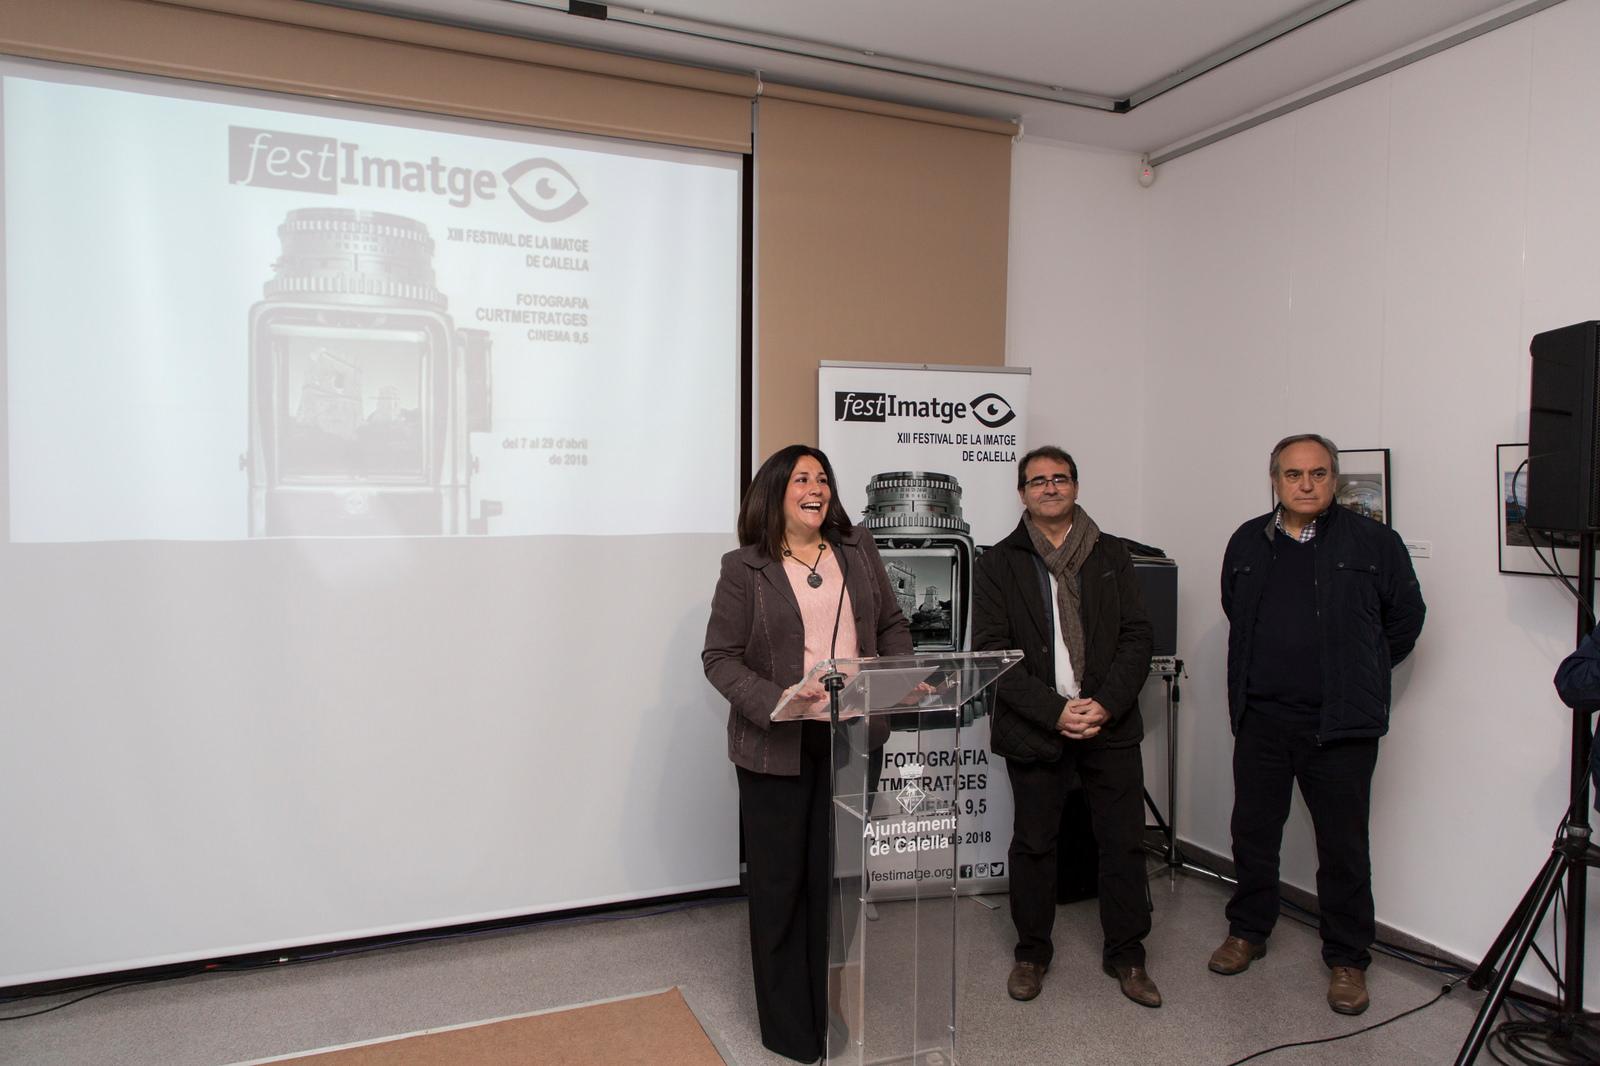 Presentació i Inaguració del Festimatge - Abril 2018 gabinete de prensa